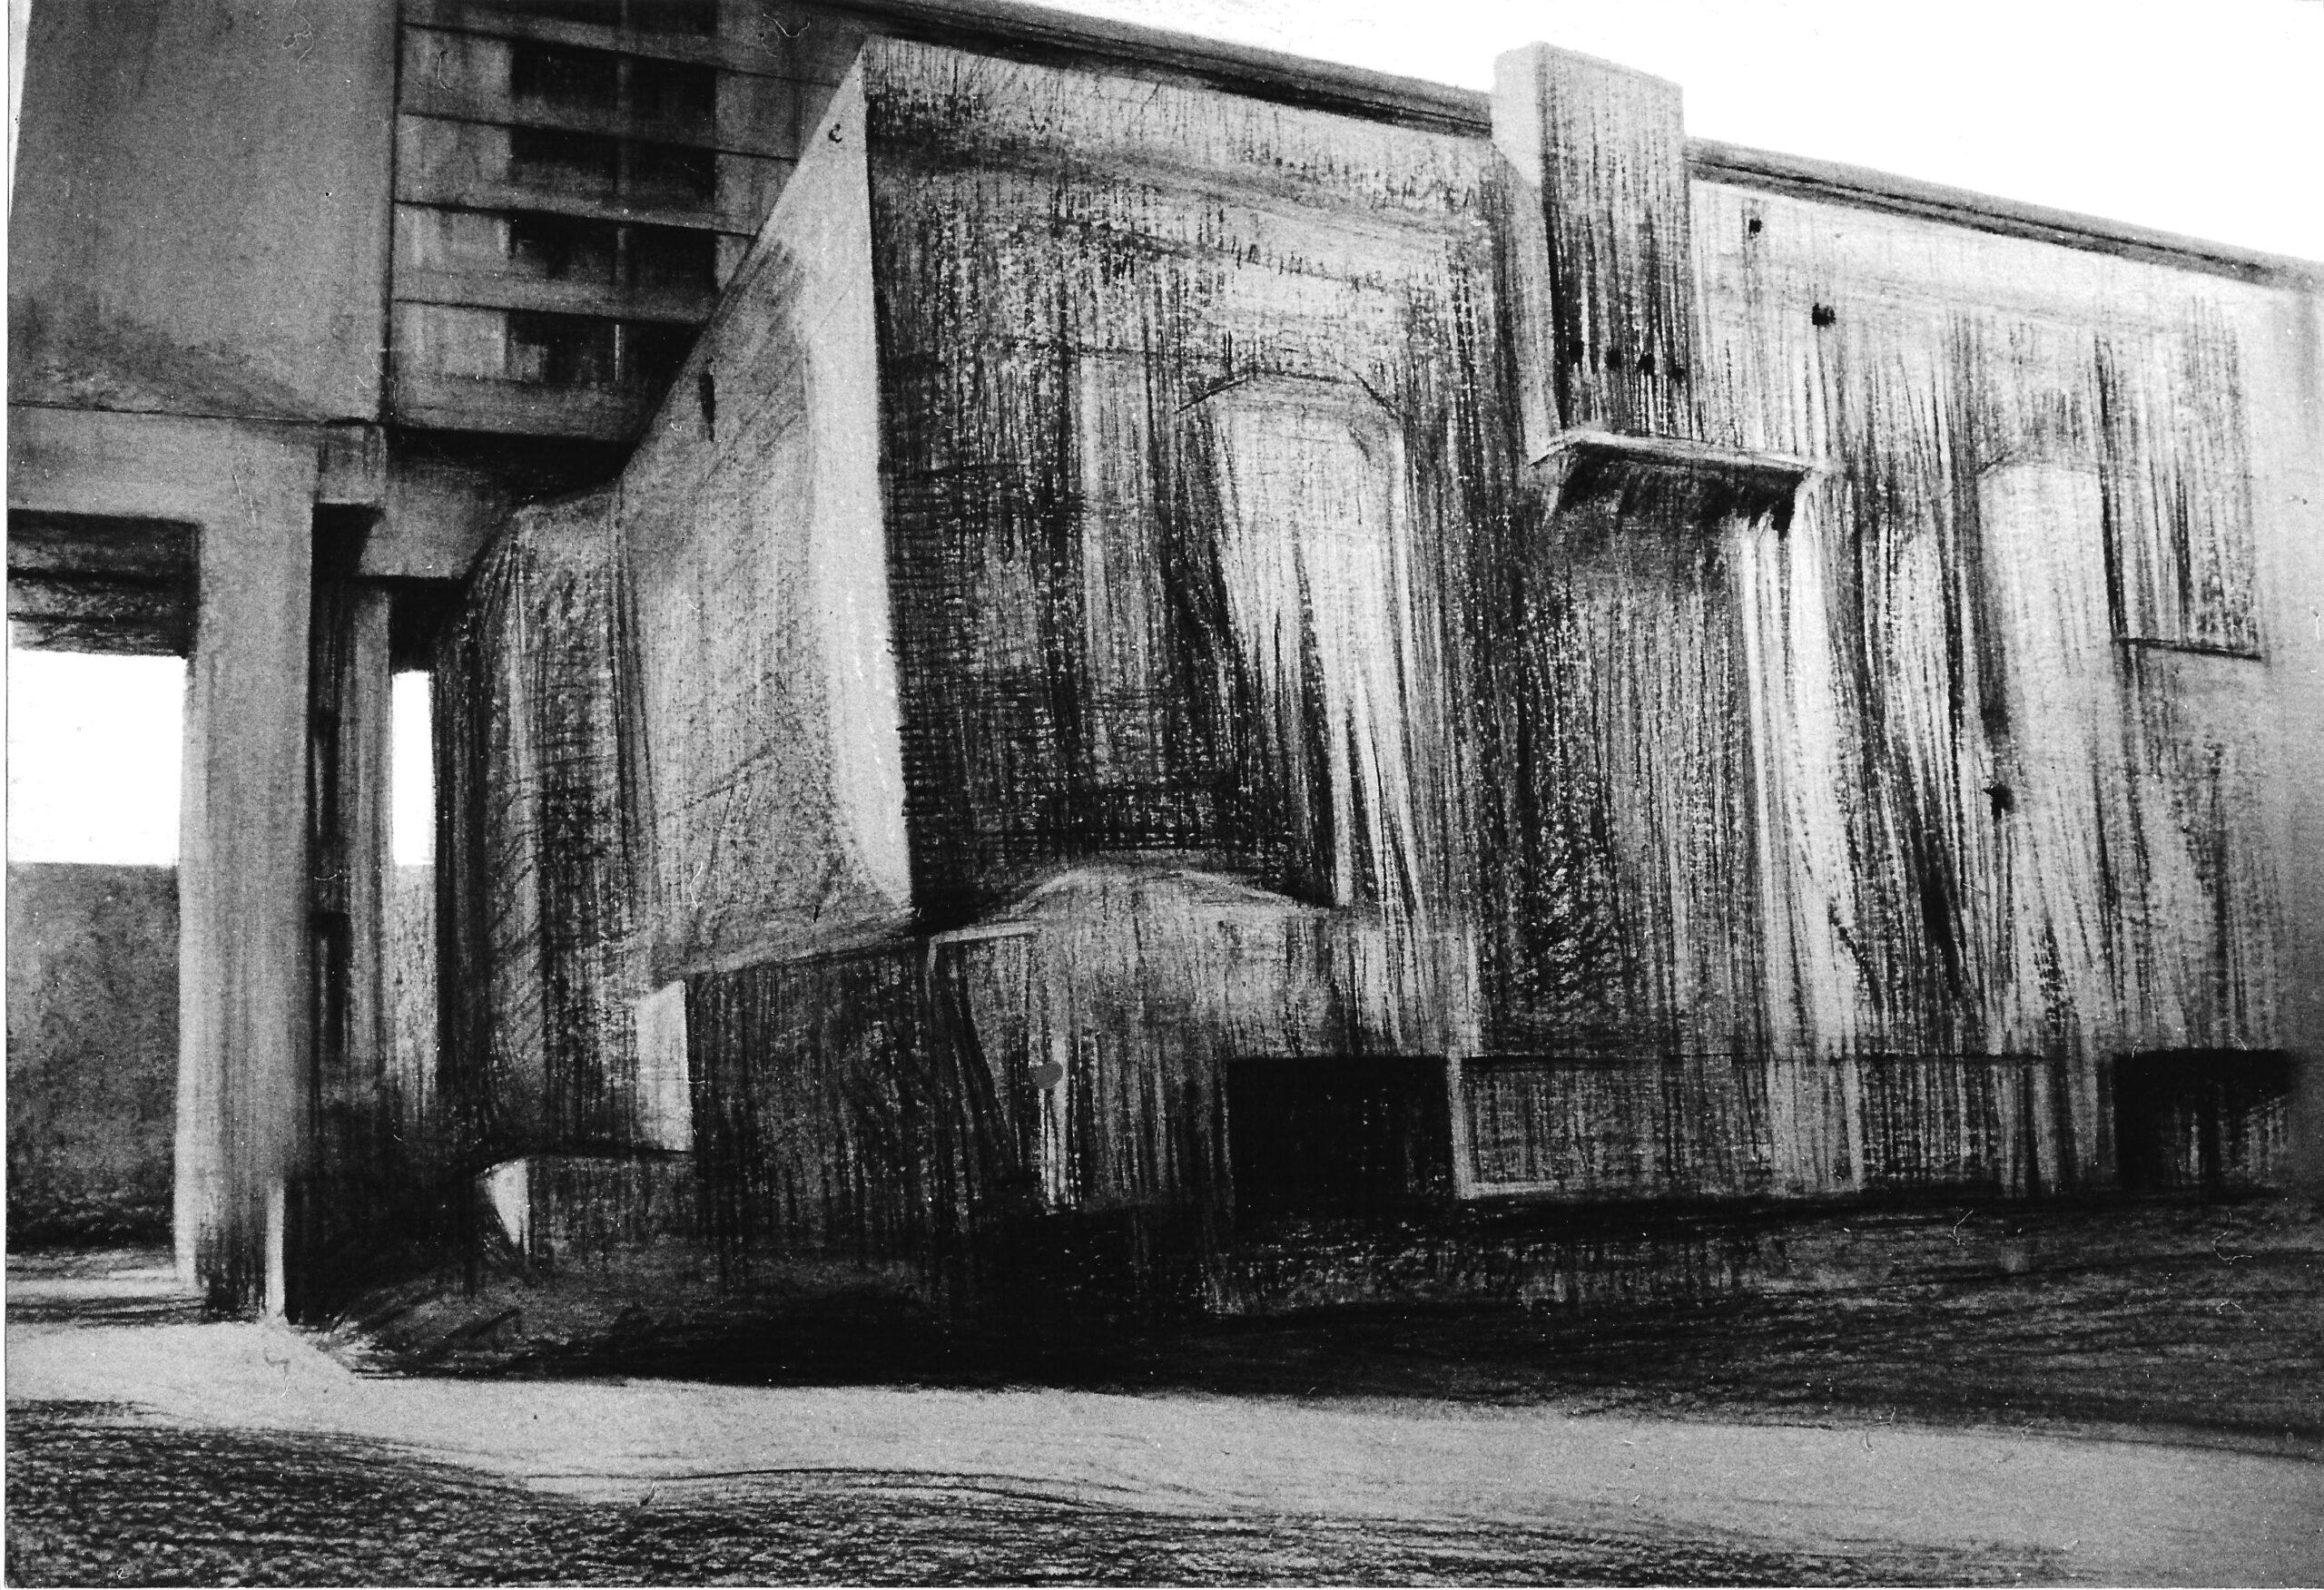 Bunker, Pallasstrasse Berlin 1982 | 70 / 100cm, Kohlezeichnung / Karton